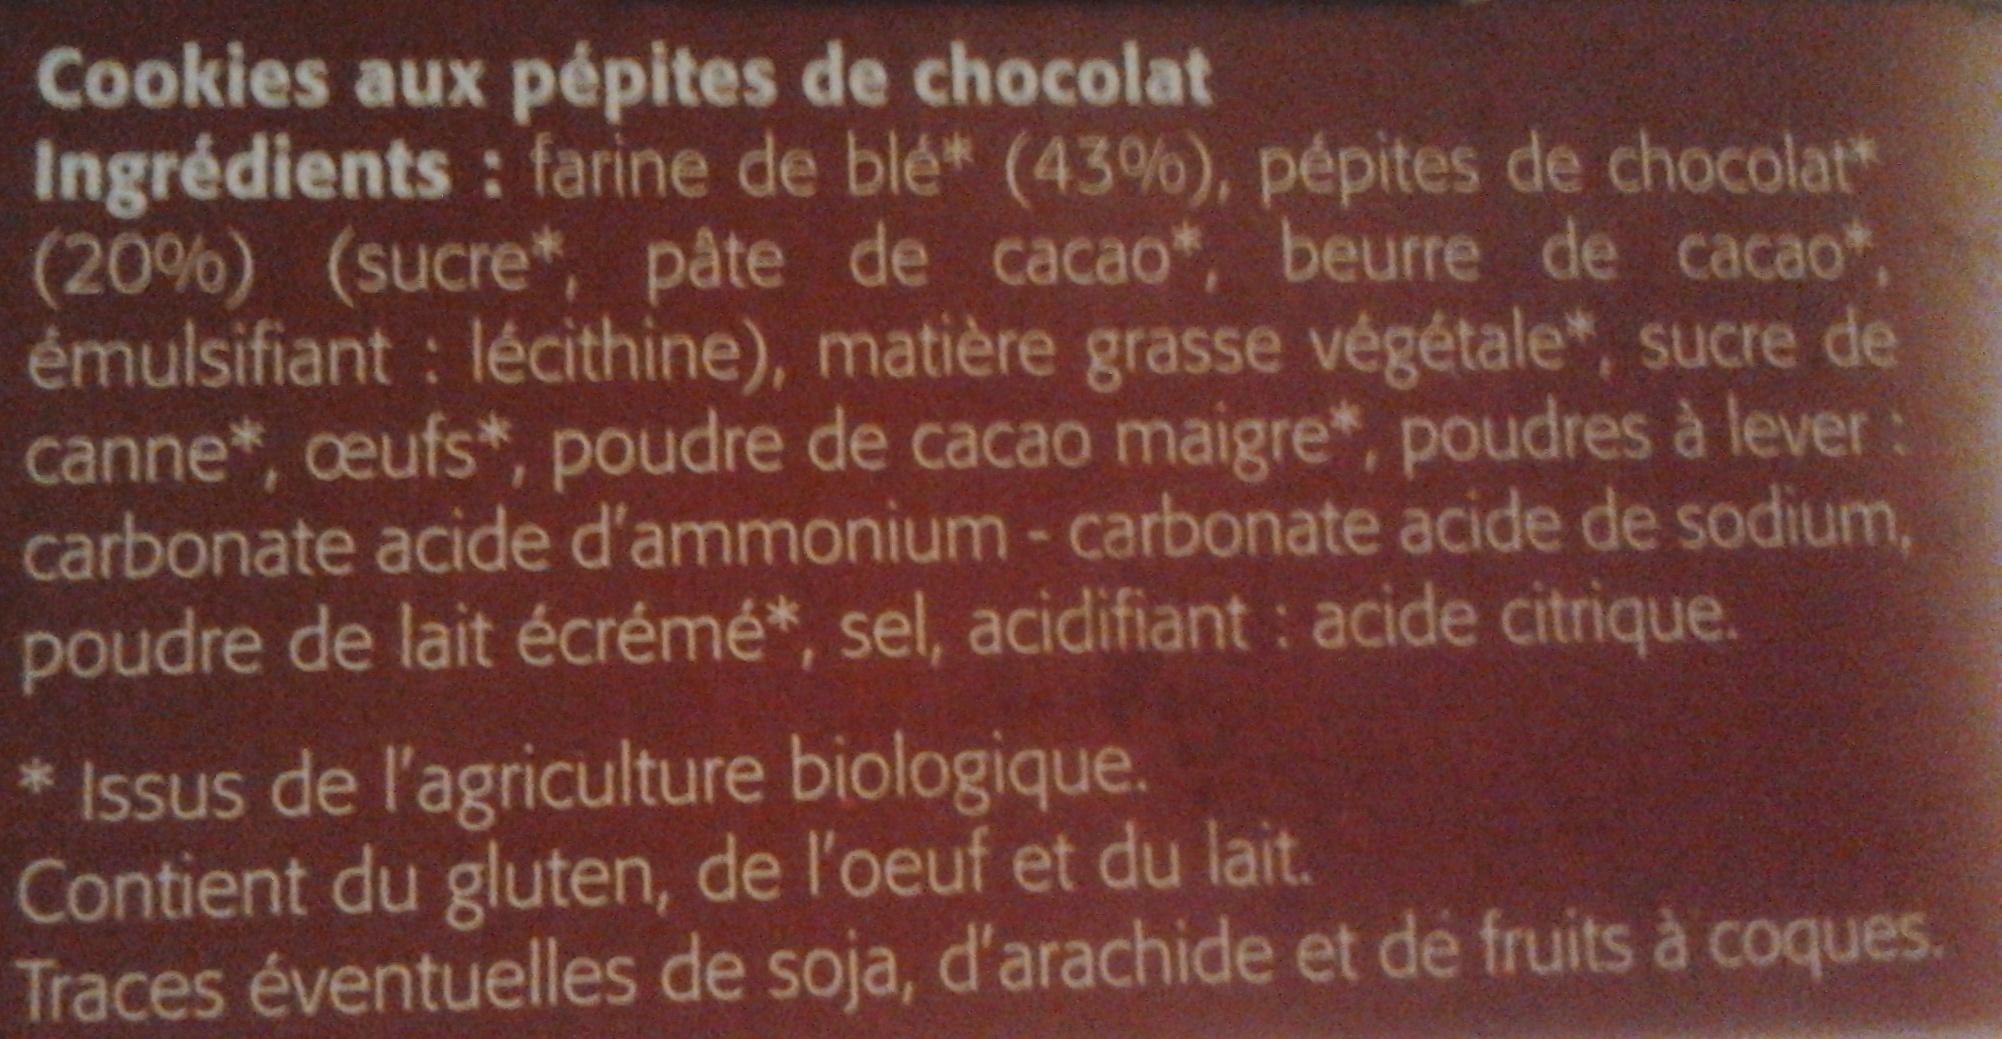 Cookies pépites de chocolat - Ingrédients - fr